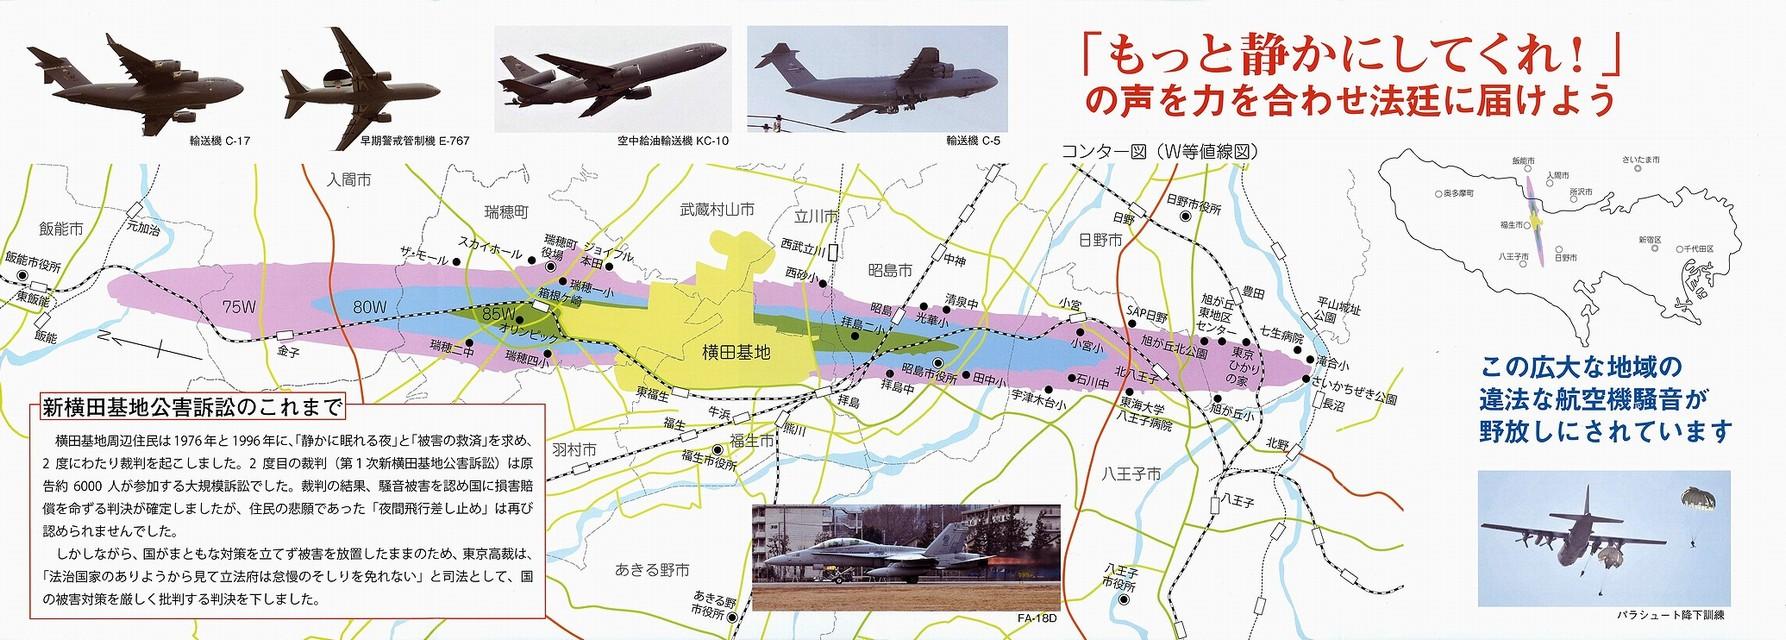 leaflet005.jpg